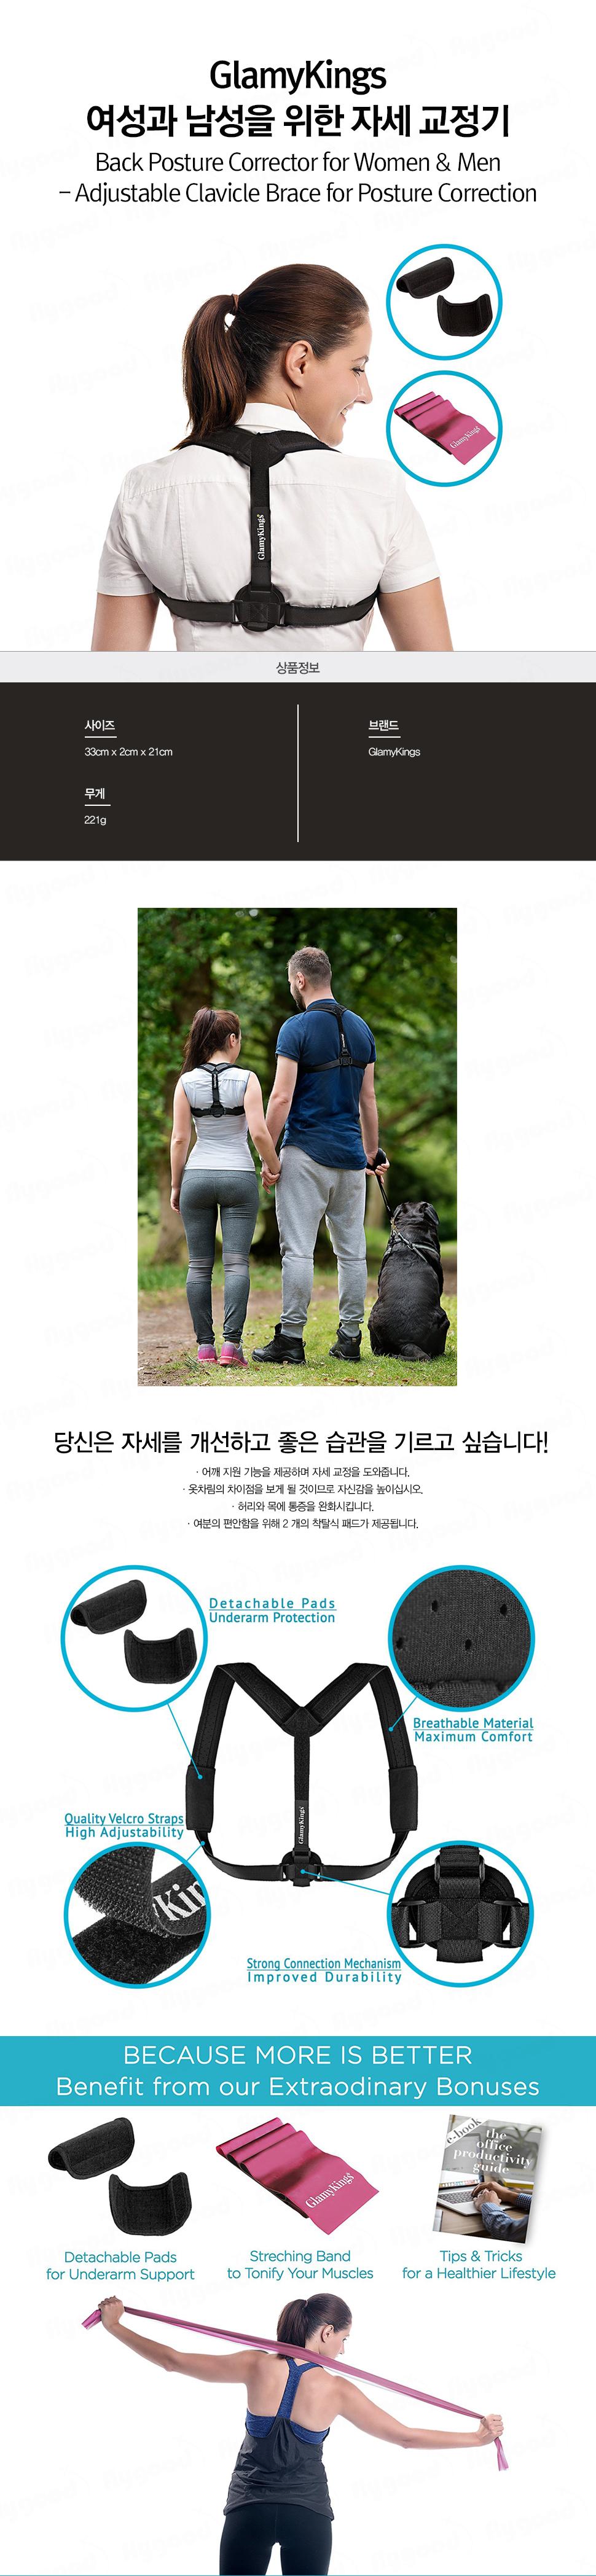 GlamyKings_Back_Posture_Corrector_for_Women-Men_자세교정기_01.jpg